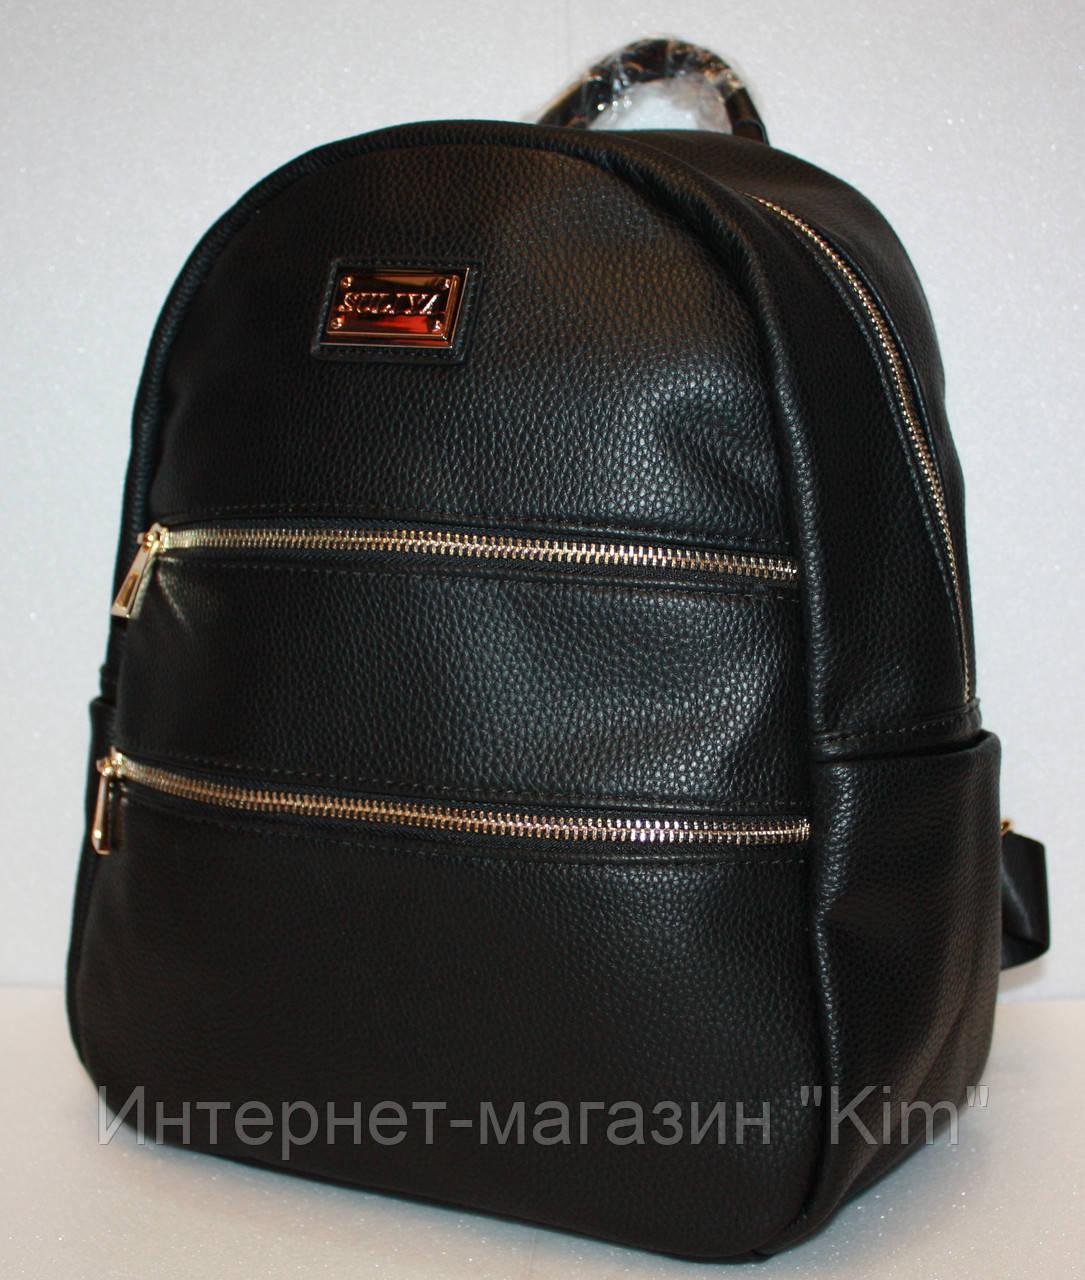 80a0c6dcbc44 Школьный рюкзак женский экокожа черный: продажа, цена в Харькове ...